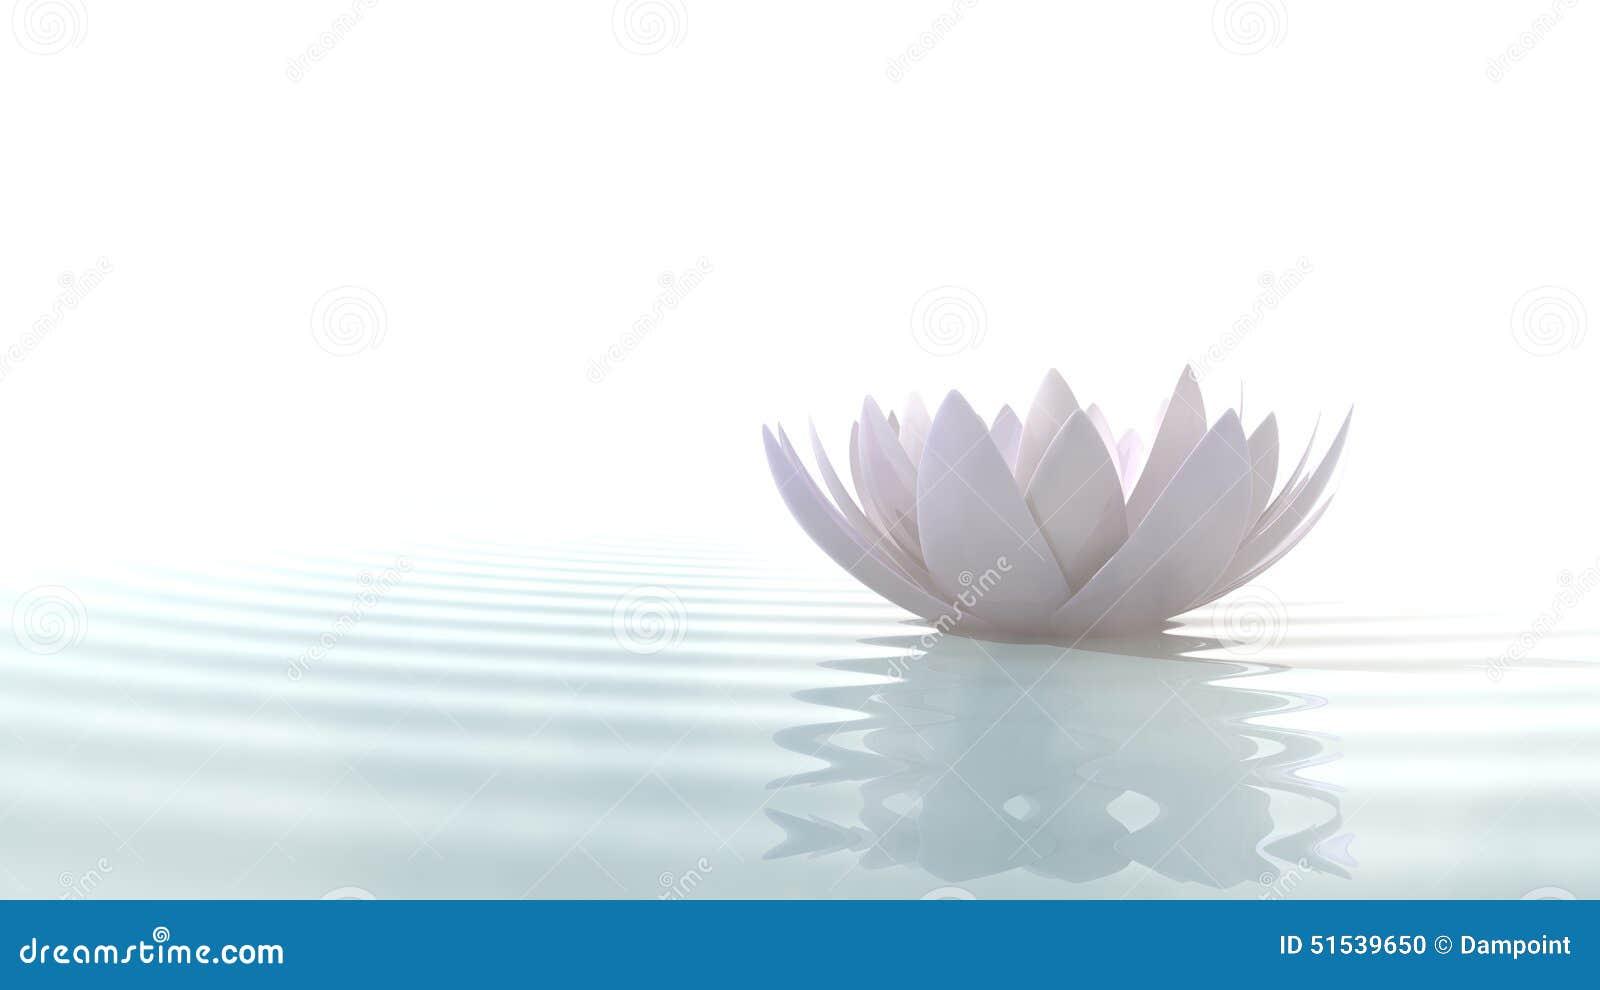 Zen lotus on water